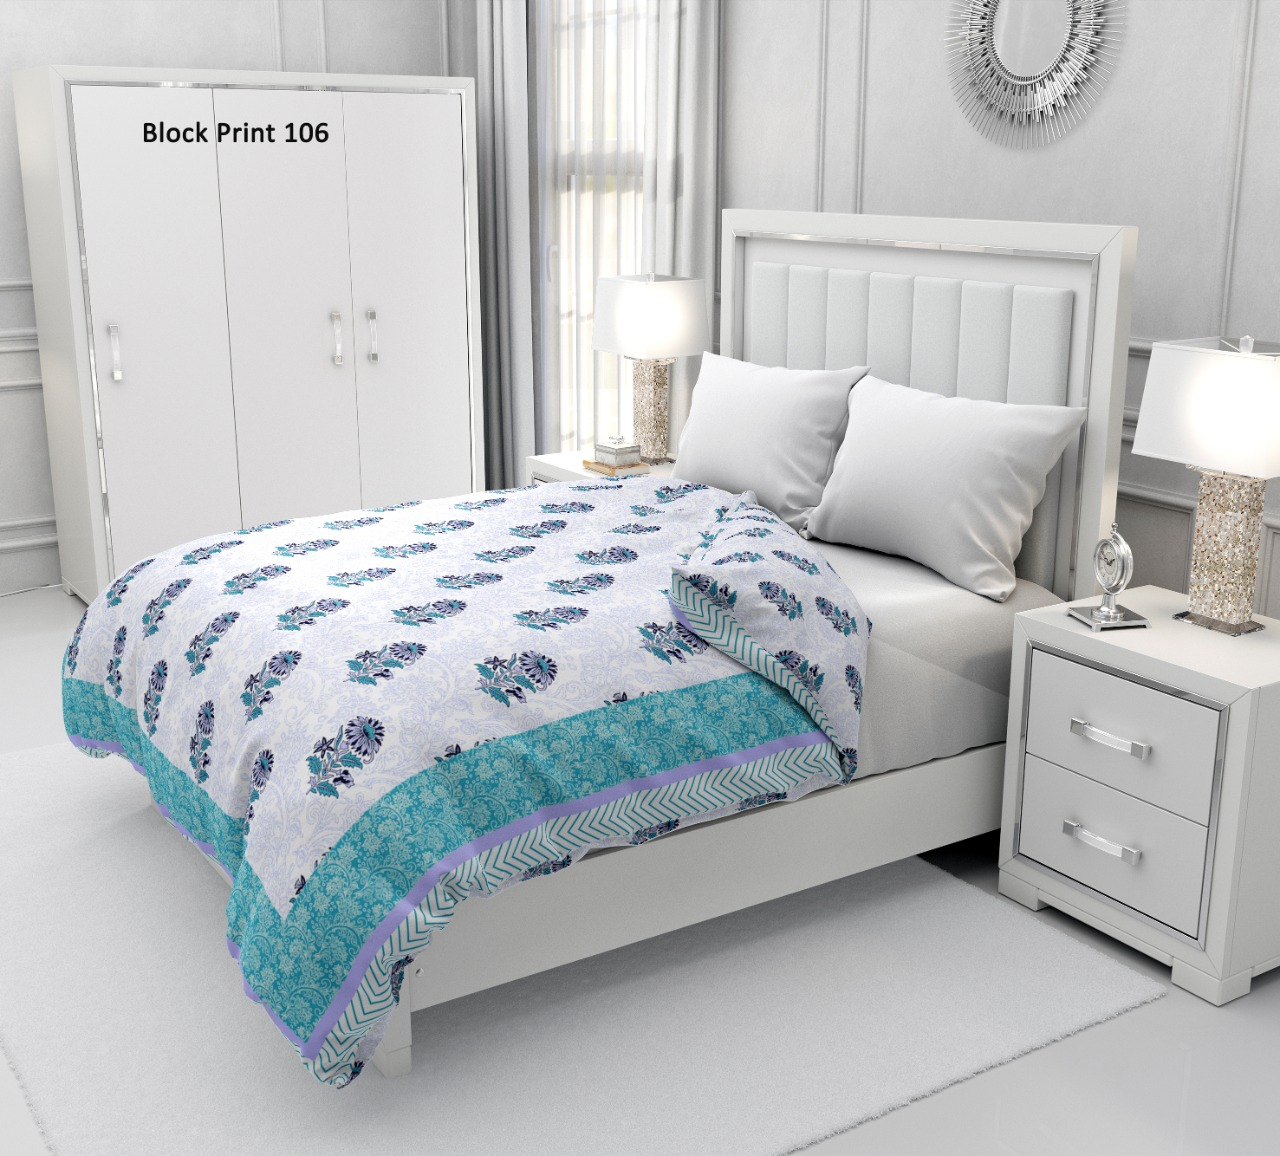 Buy Dohar Online In India Cotton Block Printed Dohar Wholesaler Exporter